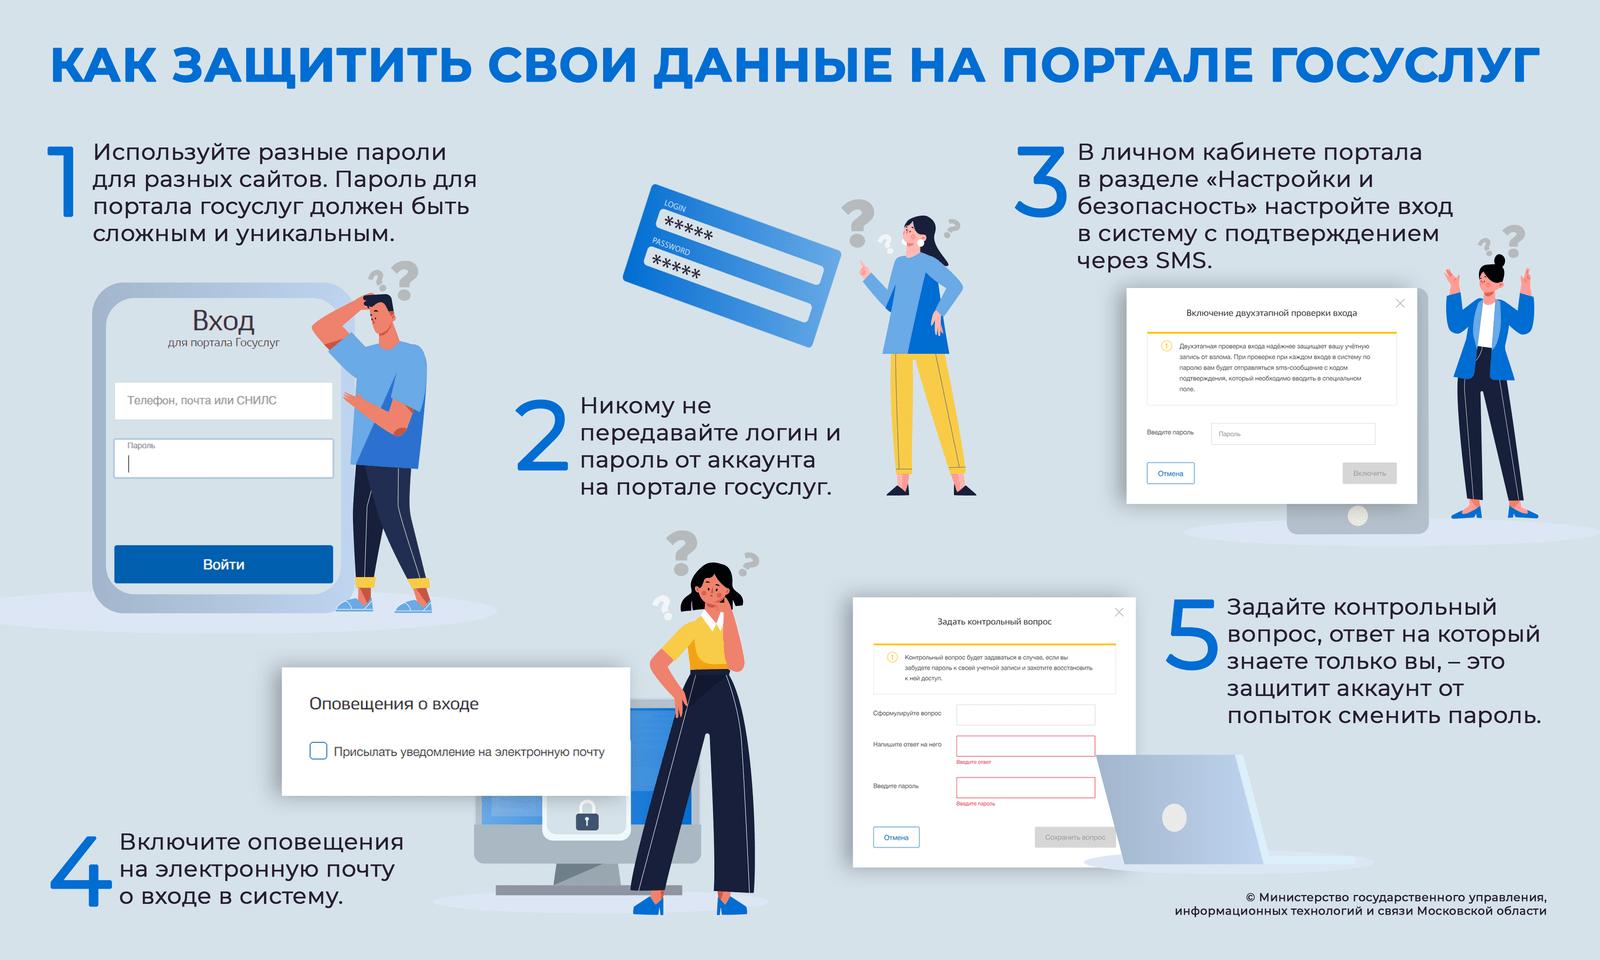 Жителям Подмосковья напомнили, как защитить свои данные на «Госуслугах» | Изображение 1